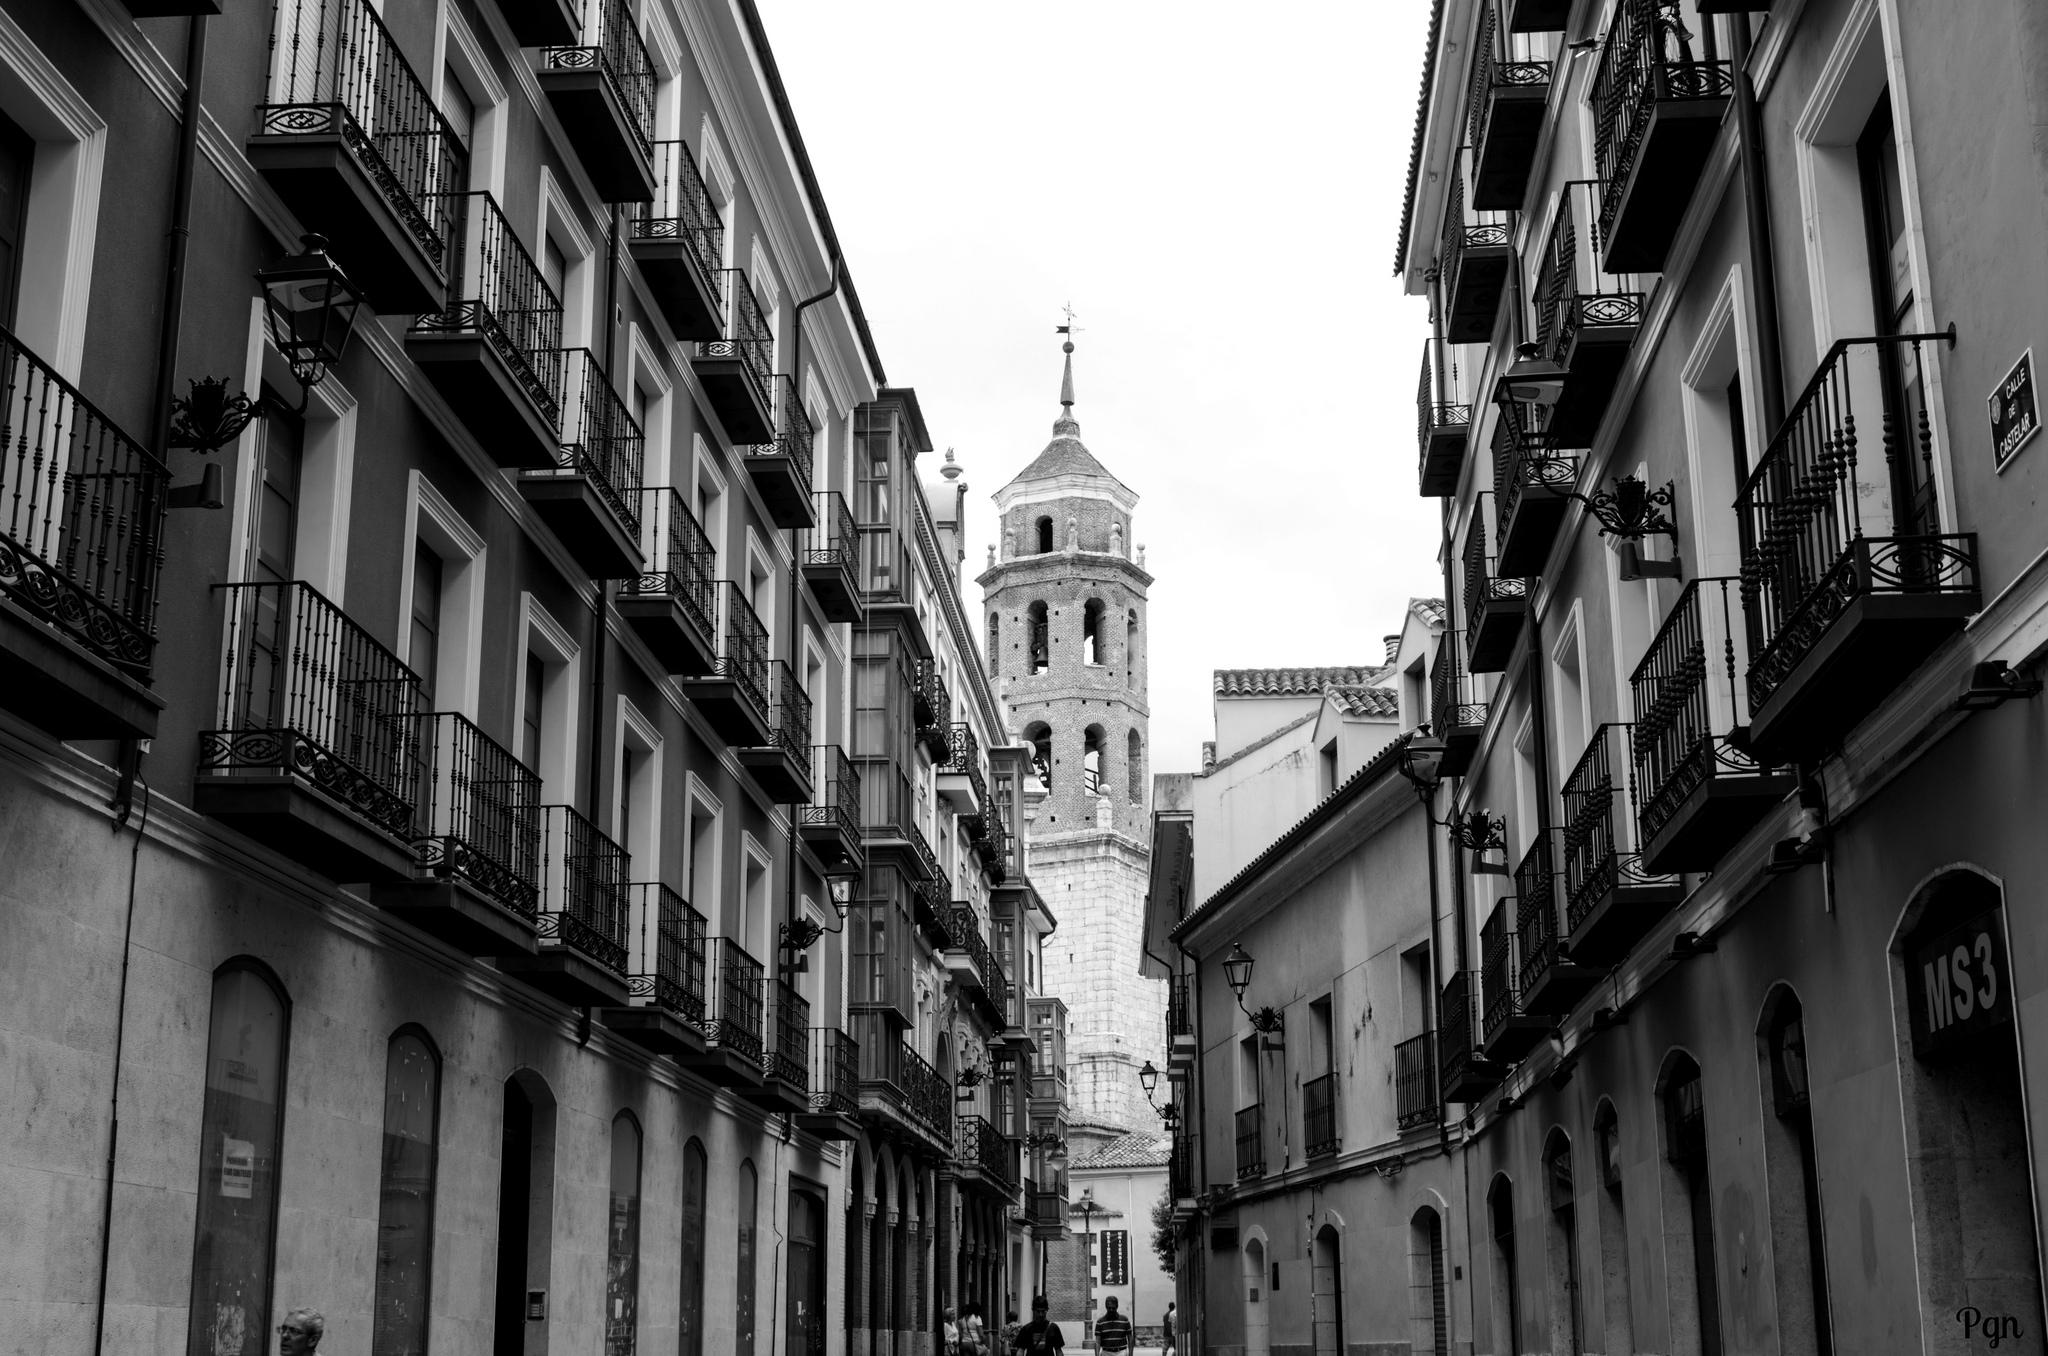 Вальядолид, Испания: лучшие достопримечательности, места для отдыха, хорошие рестораны